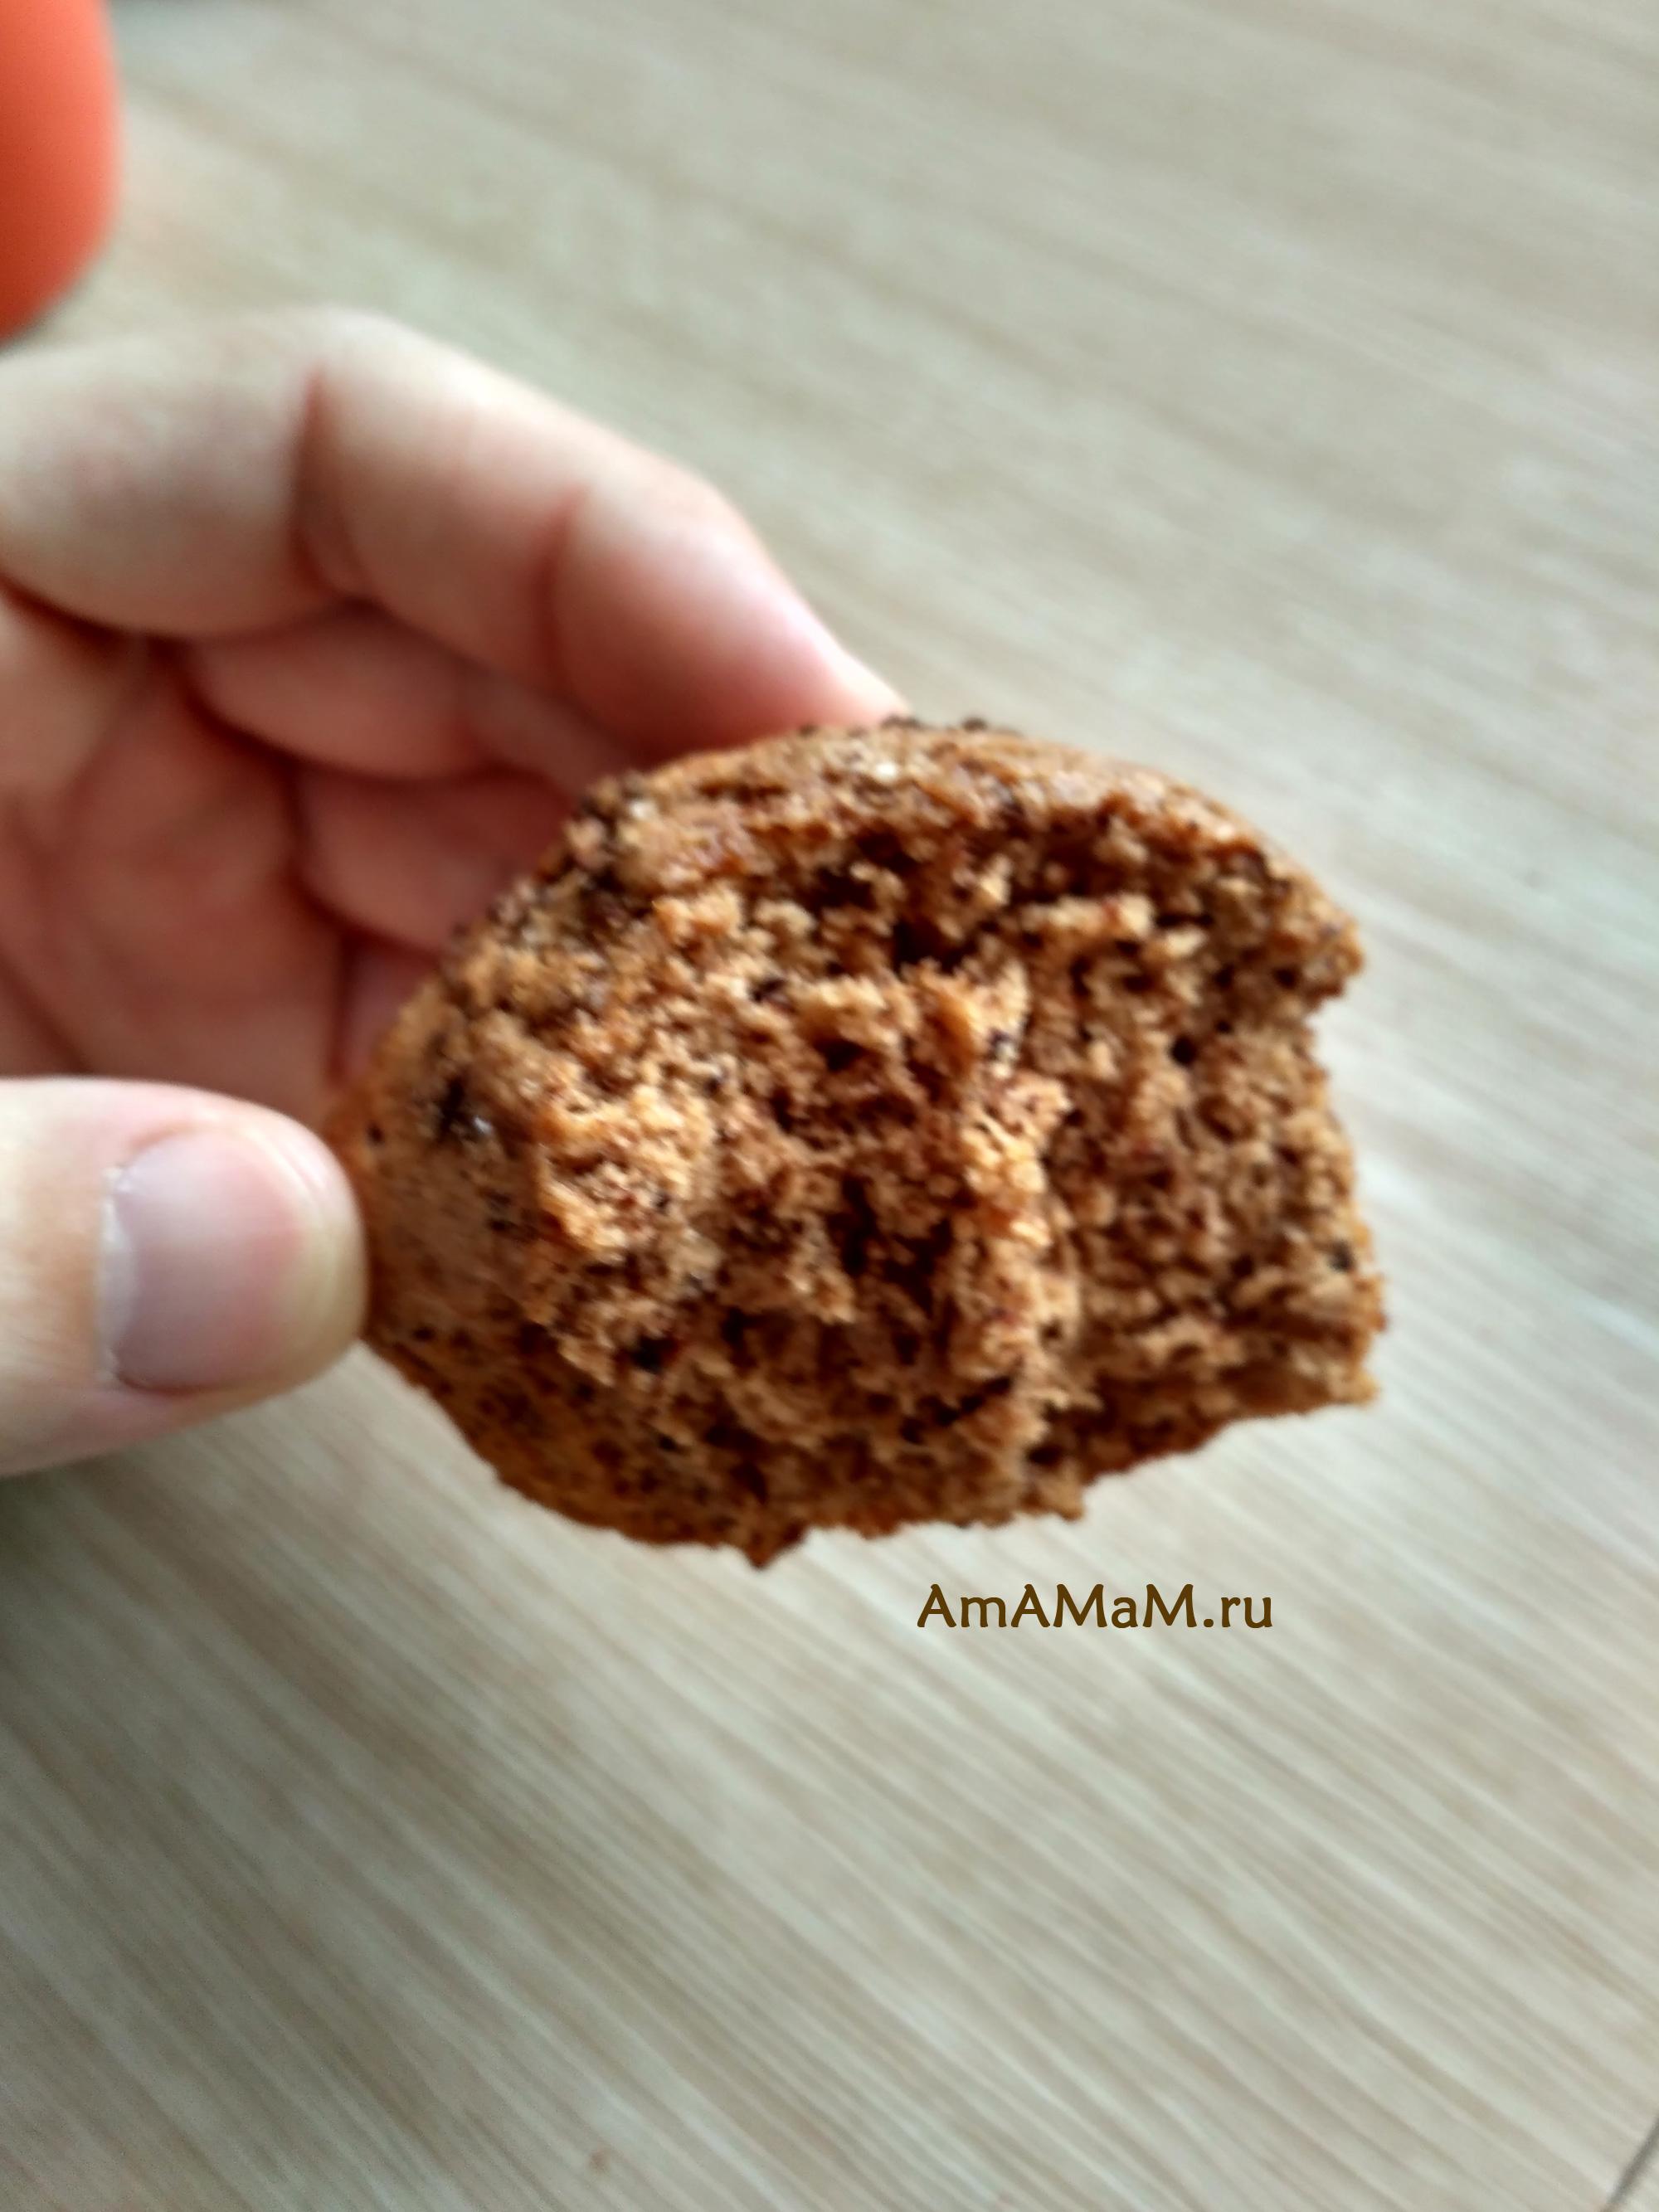 Кексы шоколадные - фото и рецепт